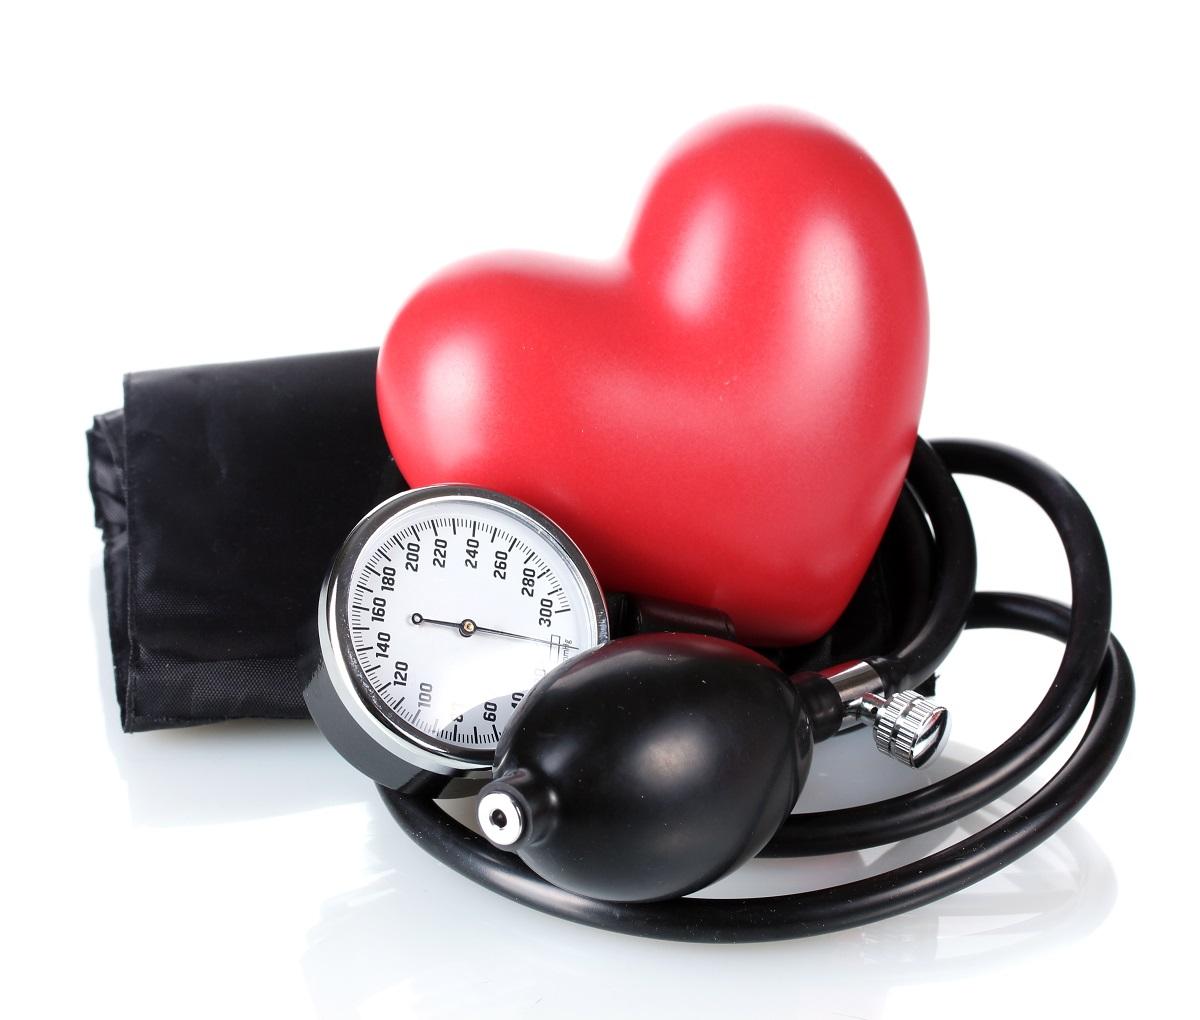 高血压吃什么降压快?这些降压措施你都做好了吗?